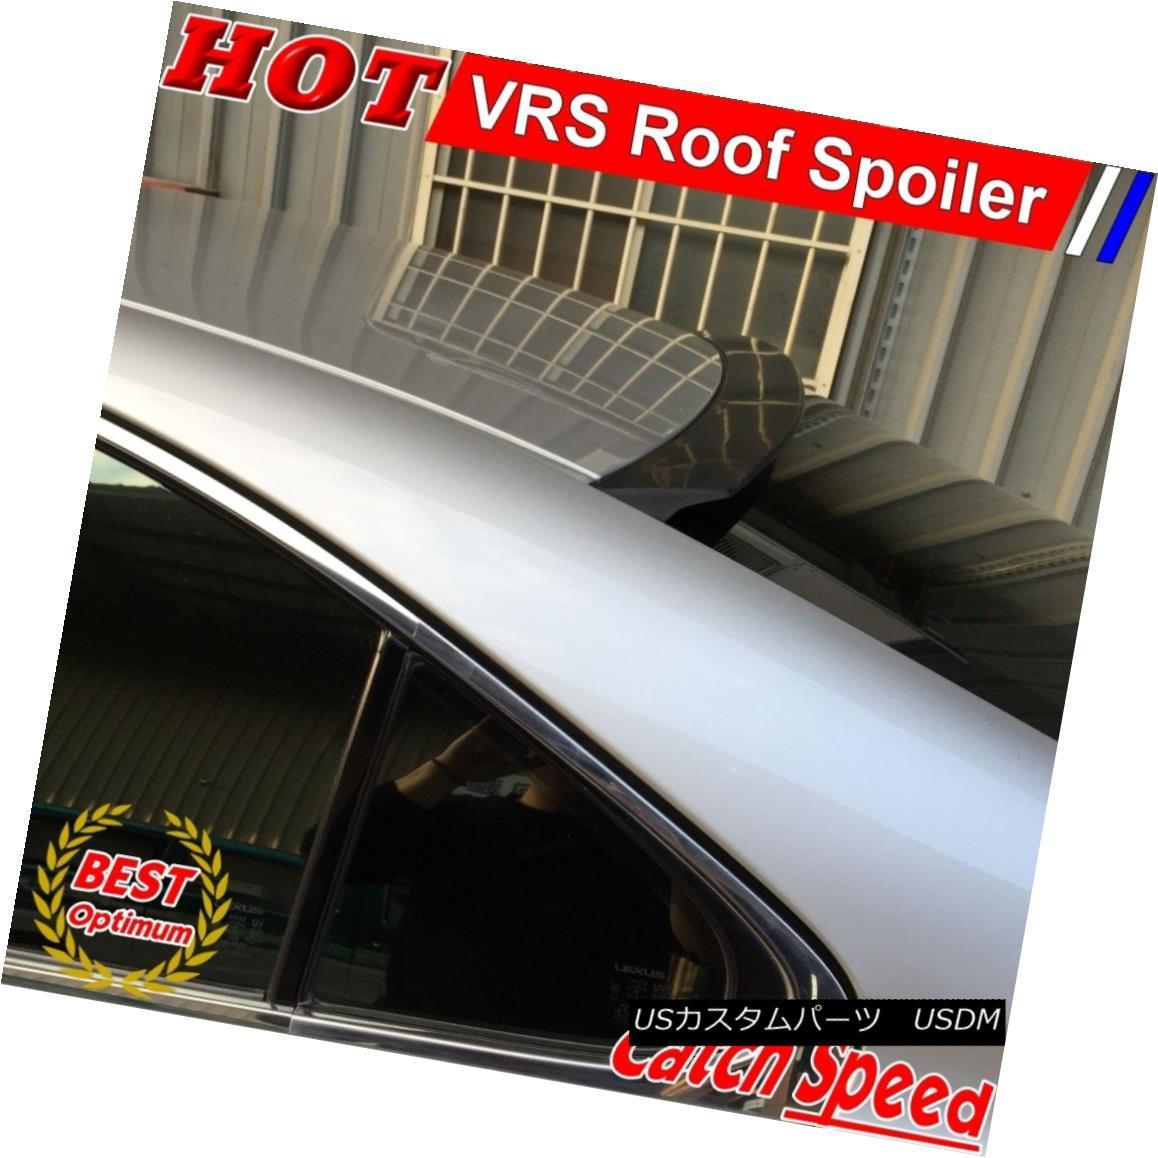 エアロパーツ Painted VRS Type Rear Roof Spoiler Wing For Mitsubishi ECLIPSE 2000~2005 Coupe 三菱ECLIPSE用塗装VRSタイプリアルーフスポイラー2000?2005クーペ